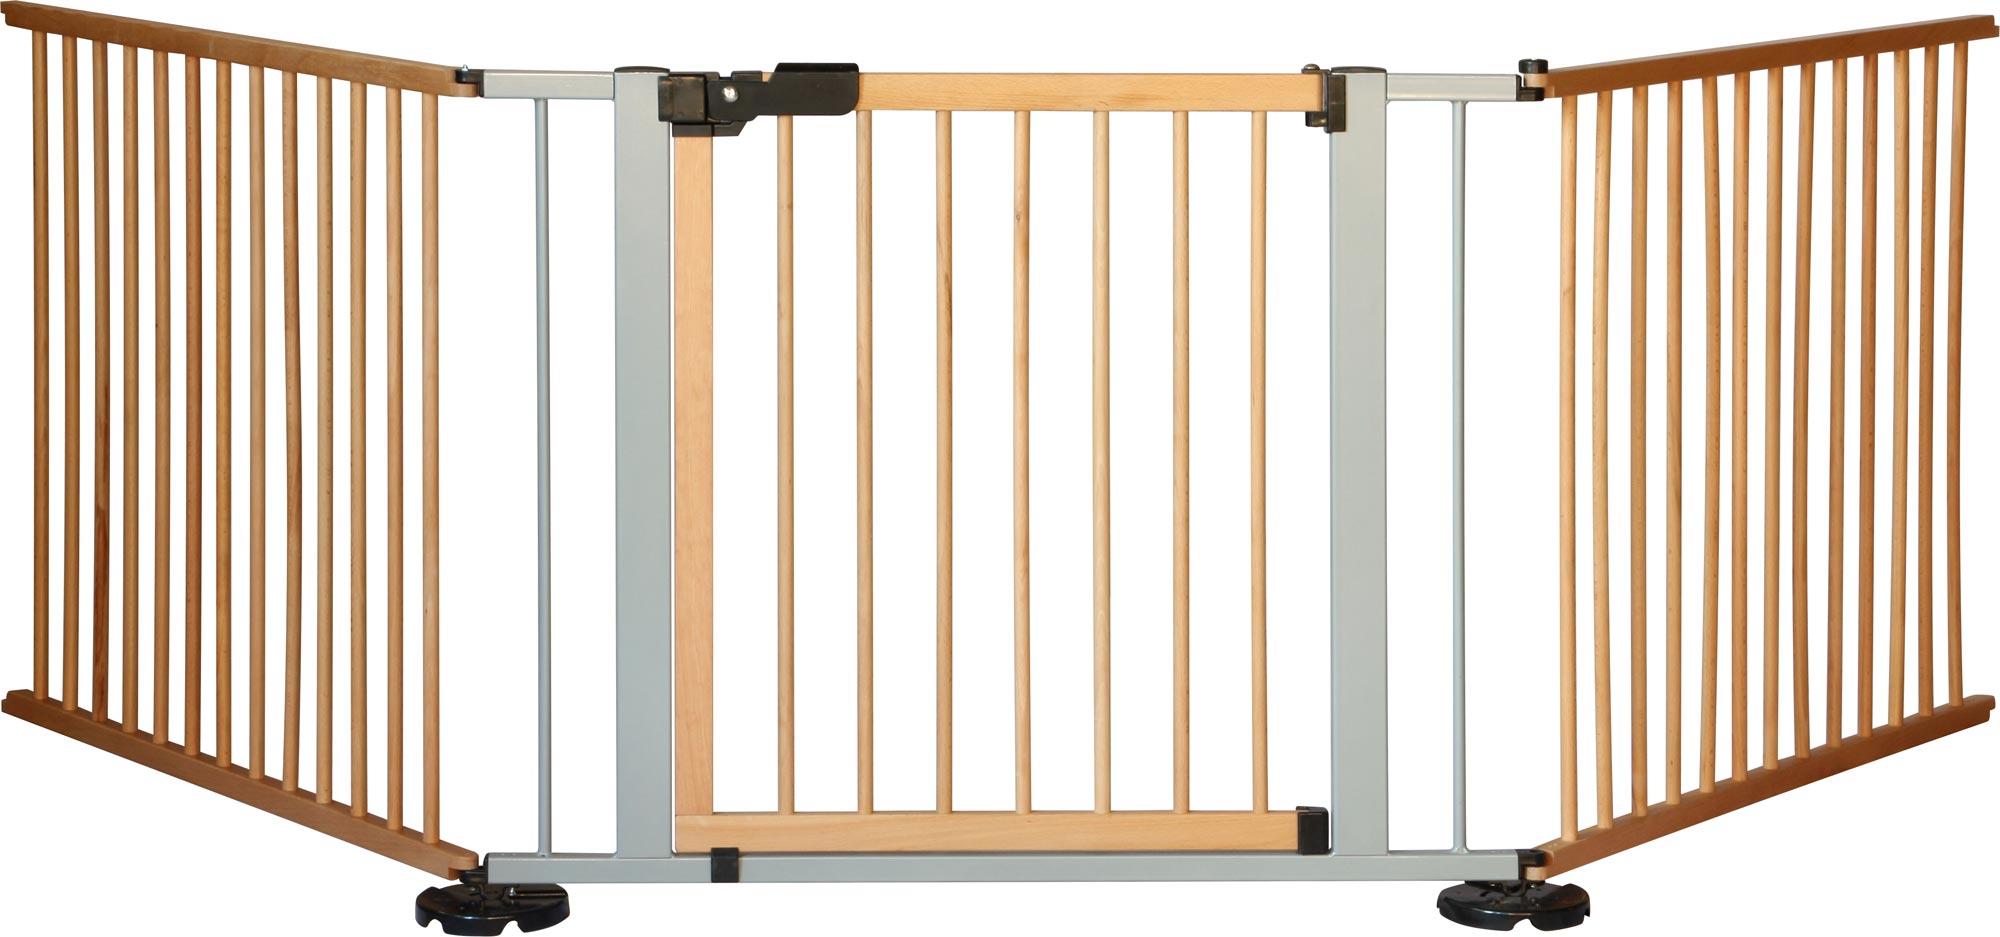 ofenschutzgitter kaminschutzgitter ofen schutzgitter ebay. Black Bedroom Furniture Sets. Home Design Ideas